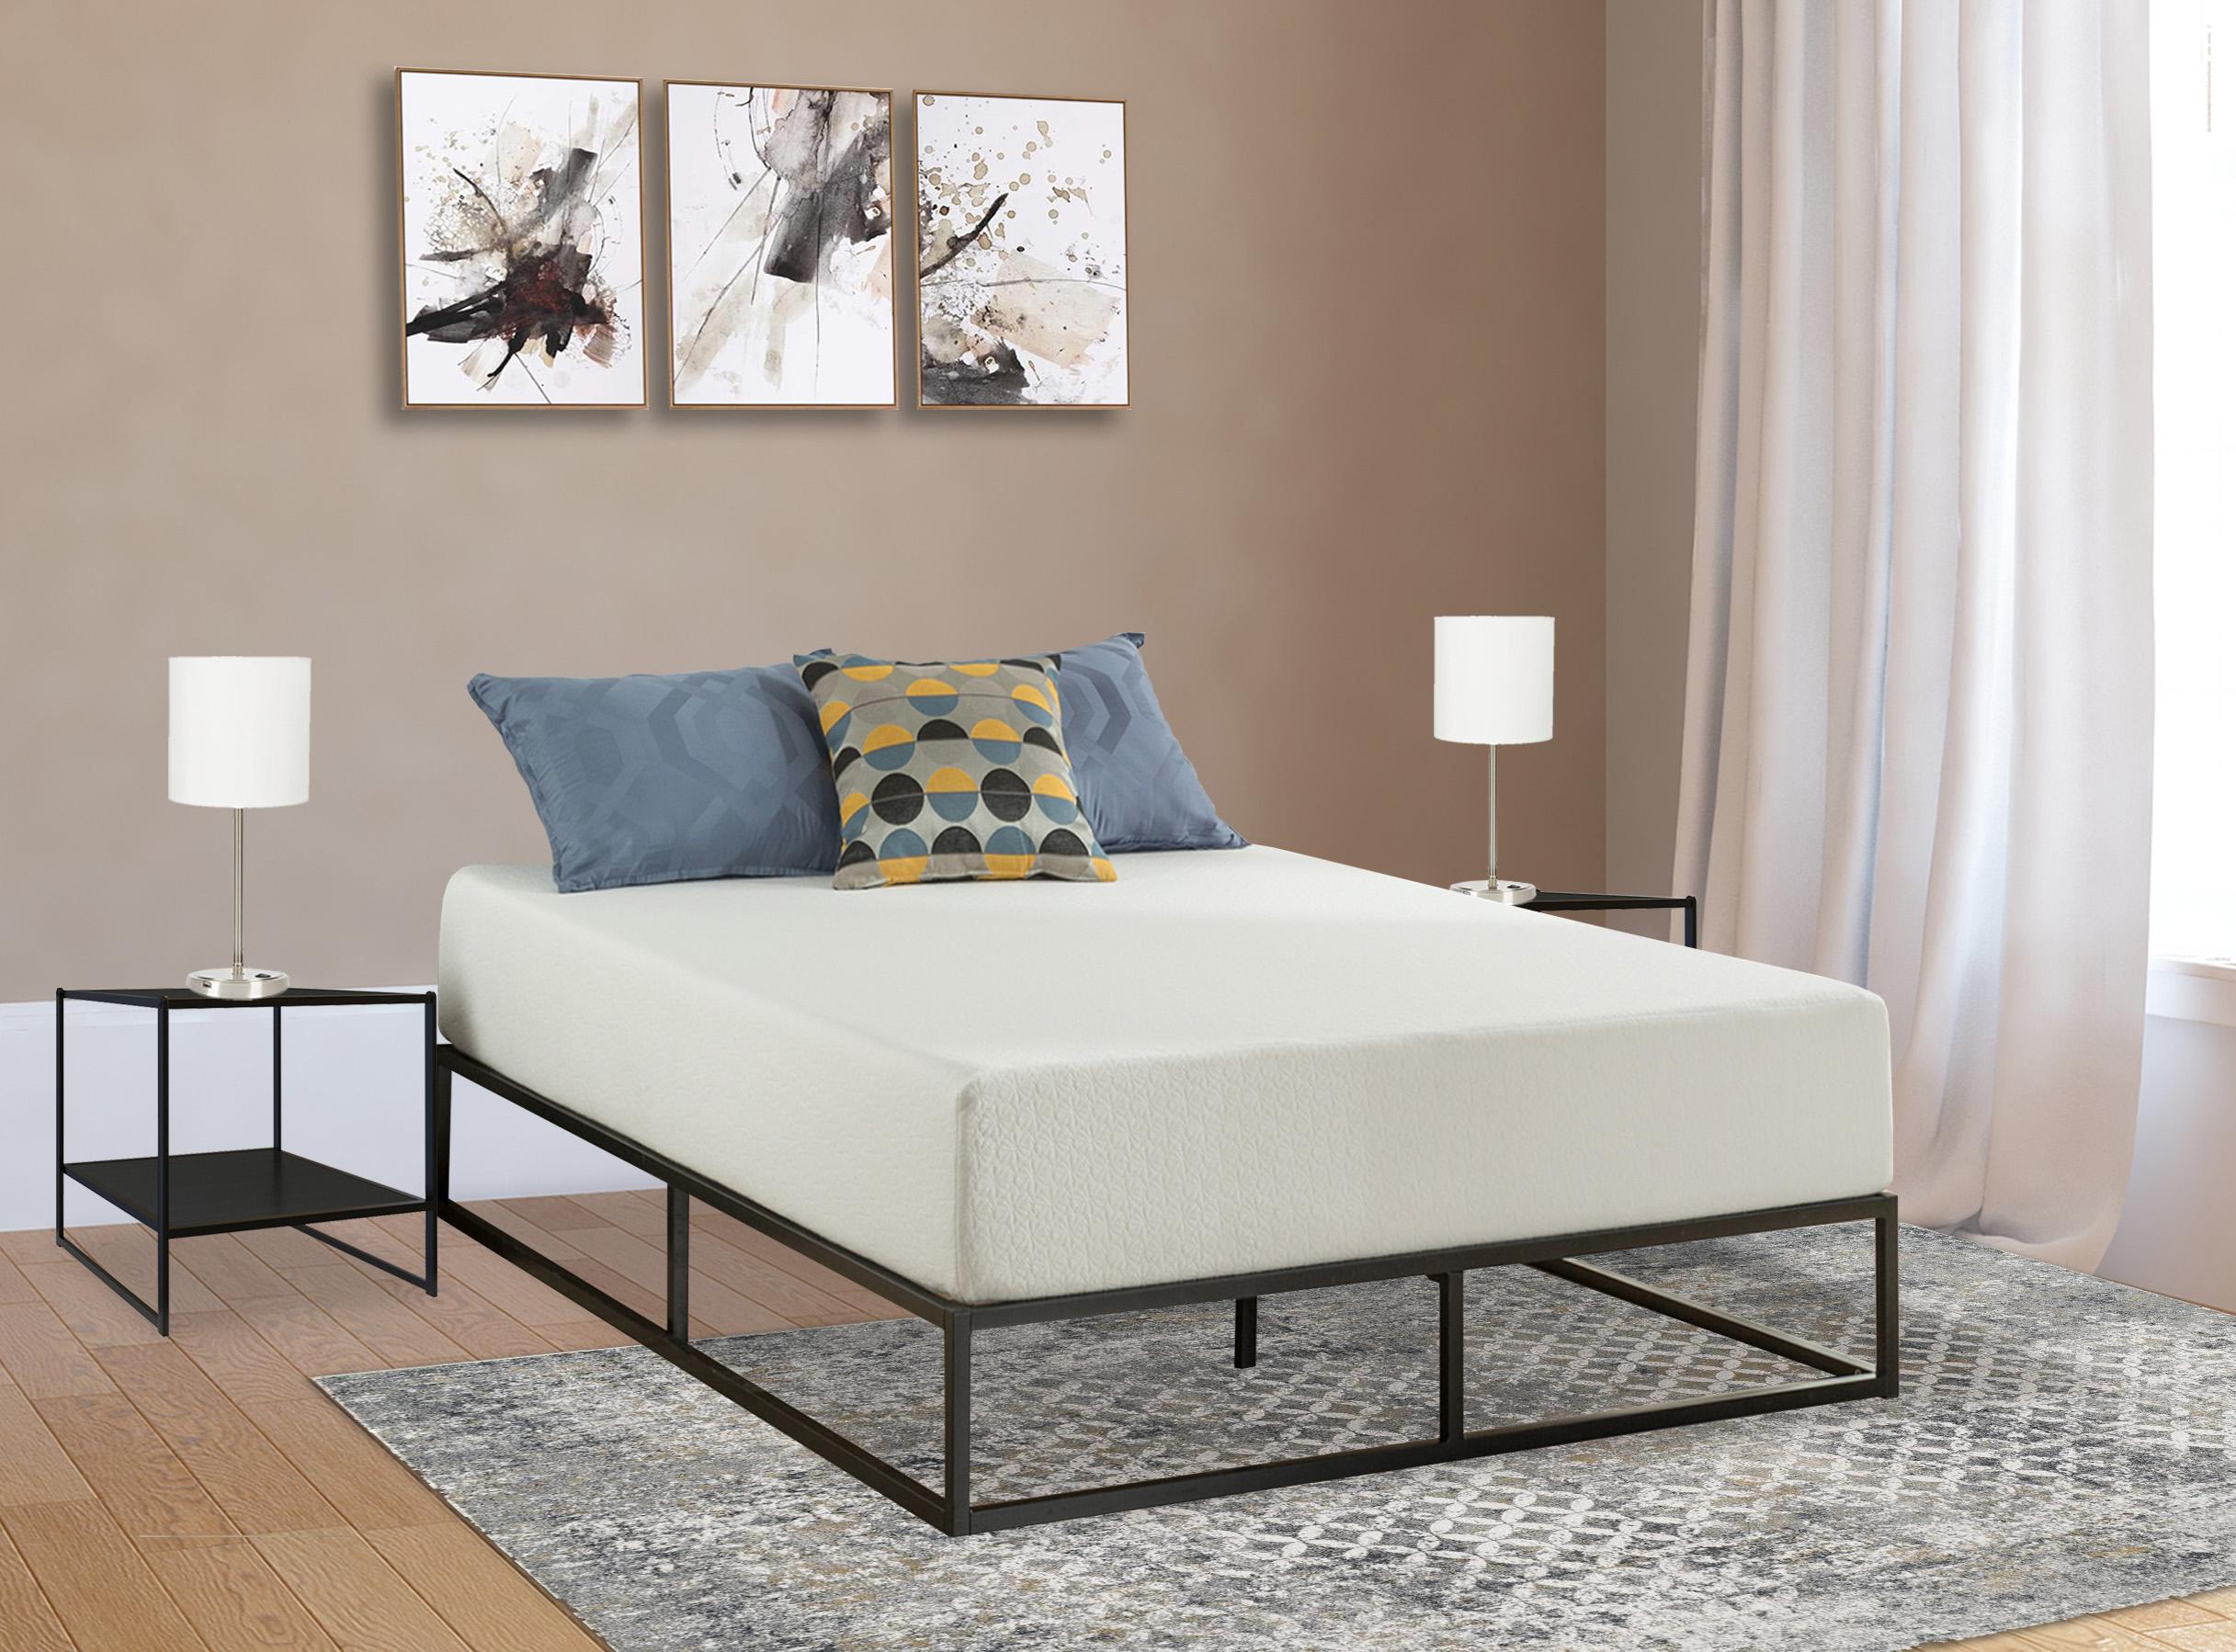 Zinke Twin Bedroom Set.jpg